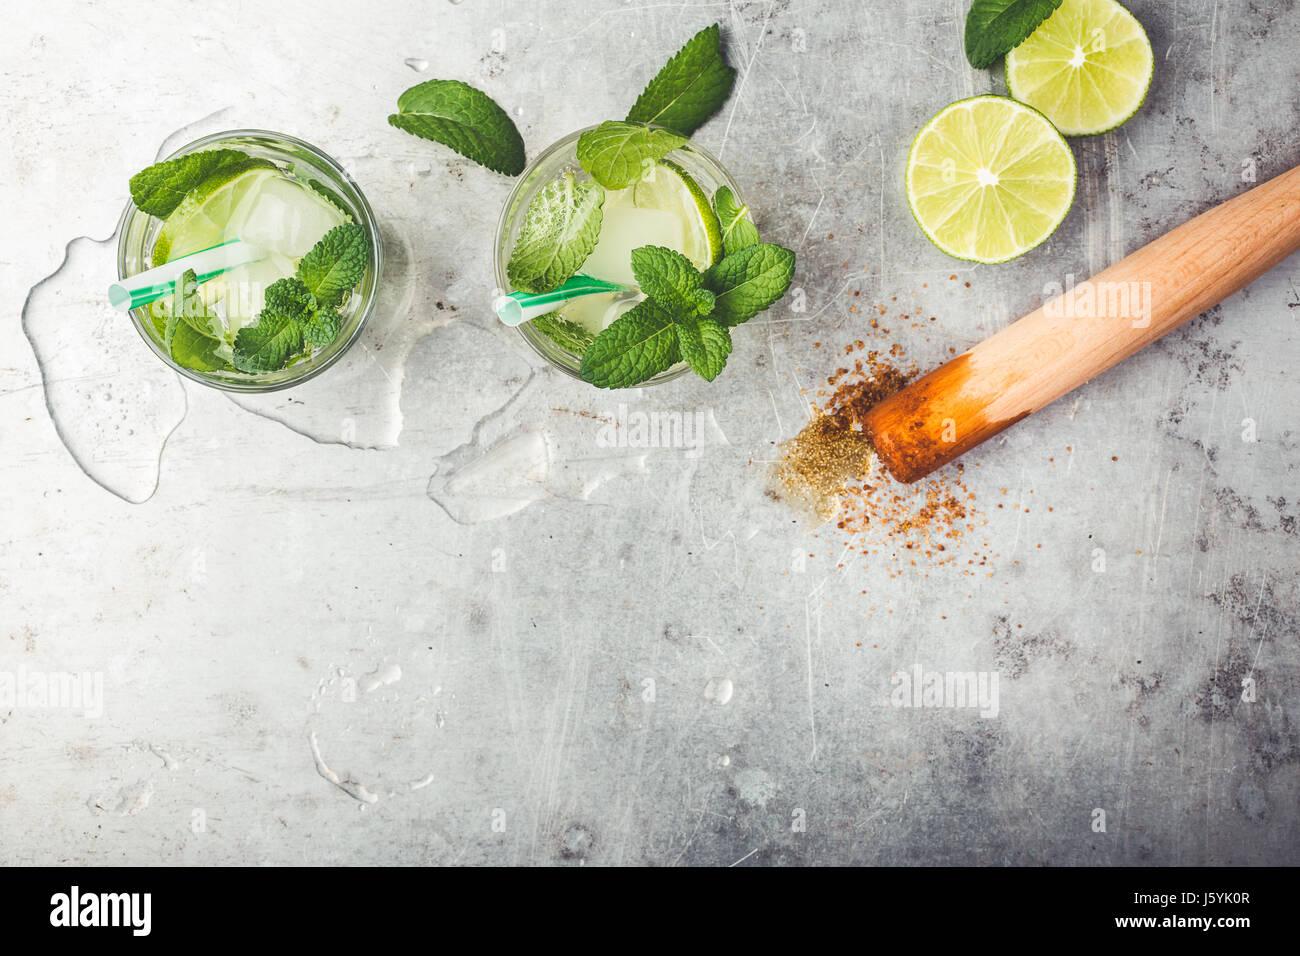 Cóctel Mojito sobre fondo gris claro con espacio para copiar texto o receta vistos desde arriba Imagen De Stock